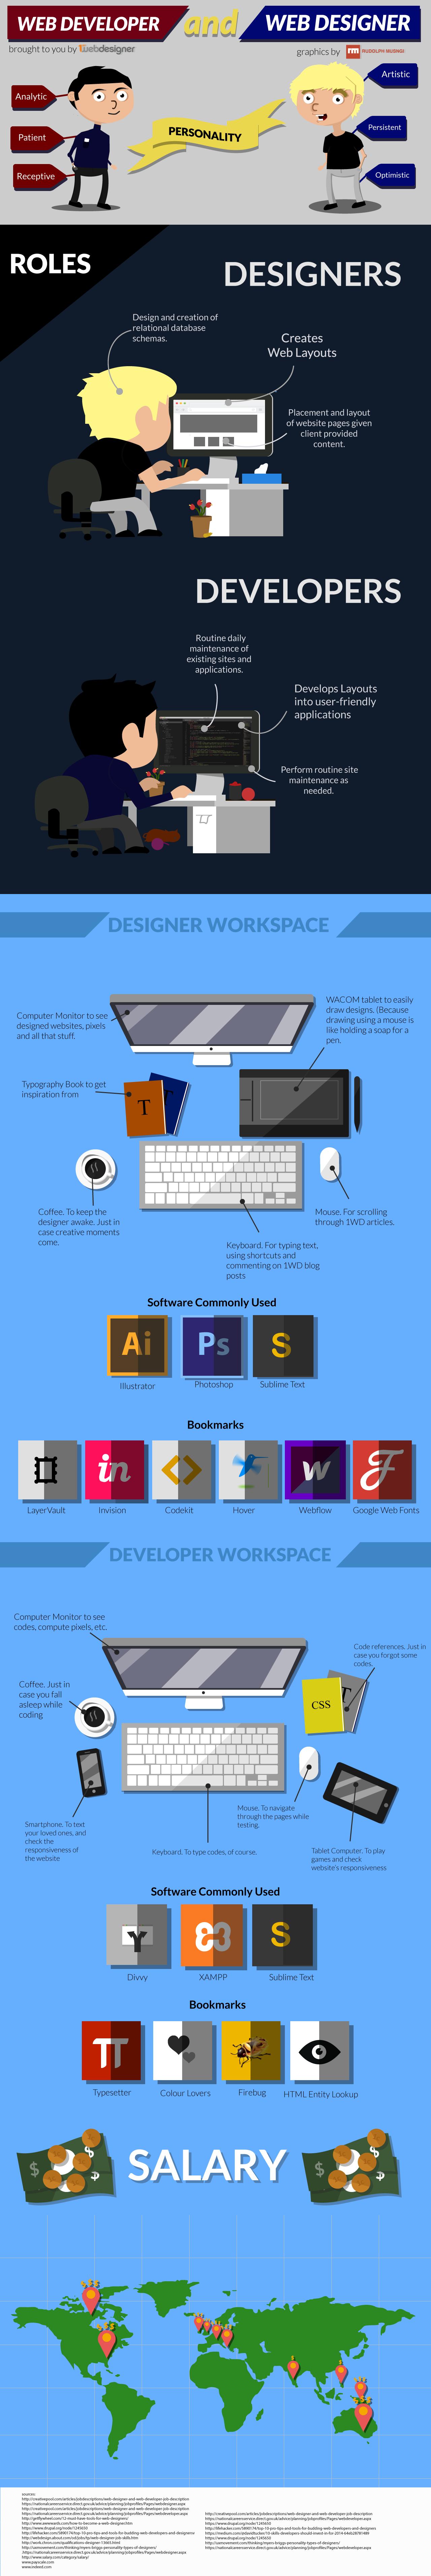 webdesignvsdevt-01-01.png (1280×7647)